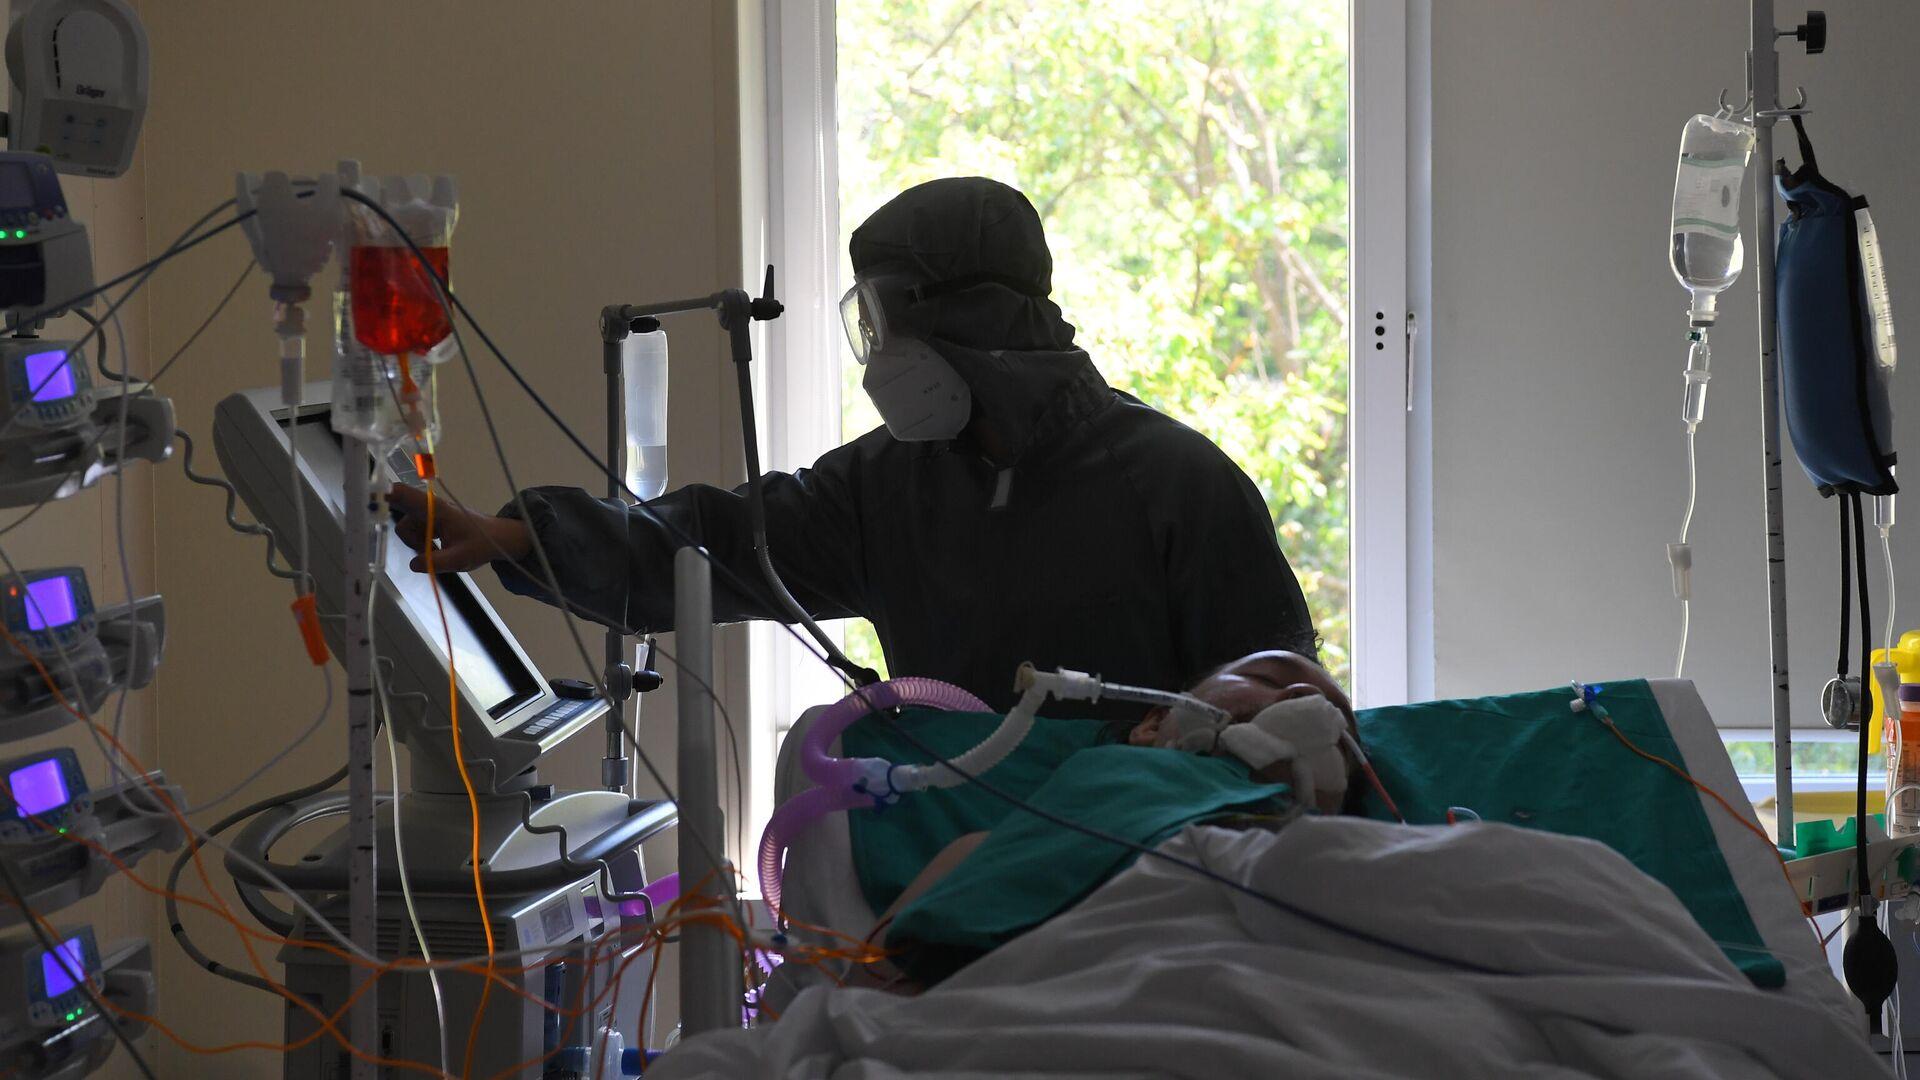 Медицинский работник у постели пациента в отделении реанимации и интенсивной терапии в госпитале COVID-19 в городской клинической больнице № 52 в Москве - РИА Новости, 1920, 04.08.2021